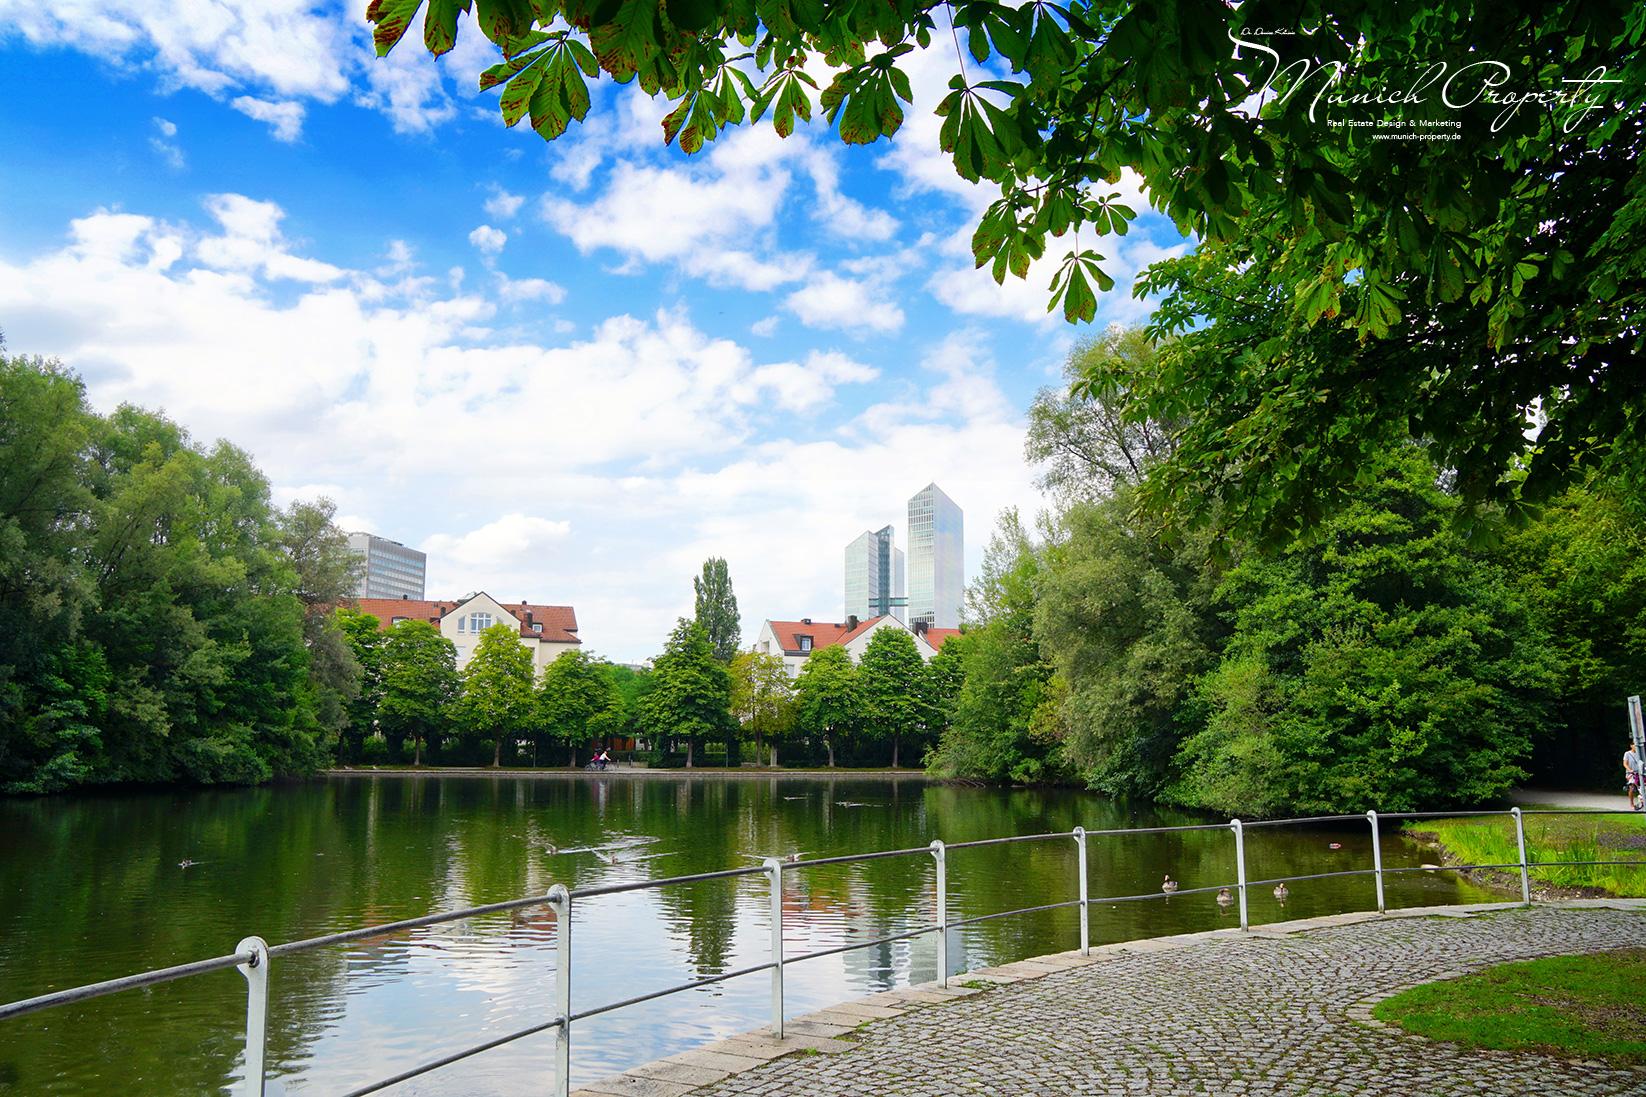 Idyllische Wohnlage in München Schwabing am See